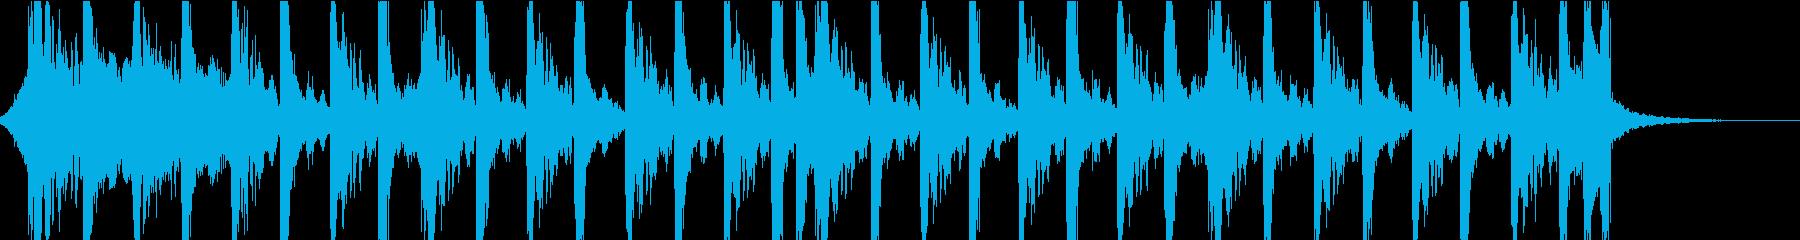 ポップ テクノ 民謡 コーポレート...の再生済みの波形